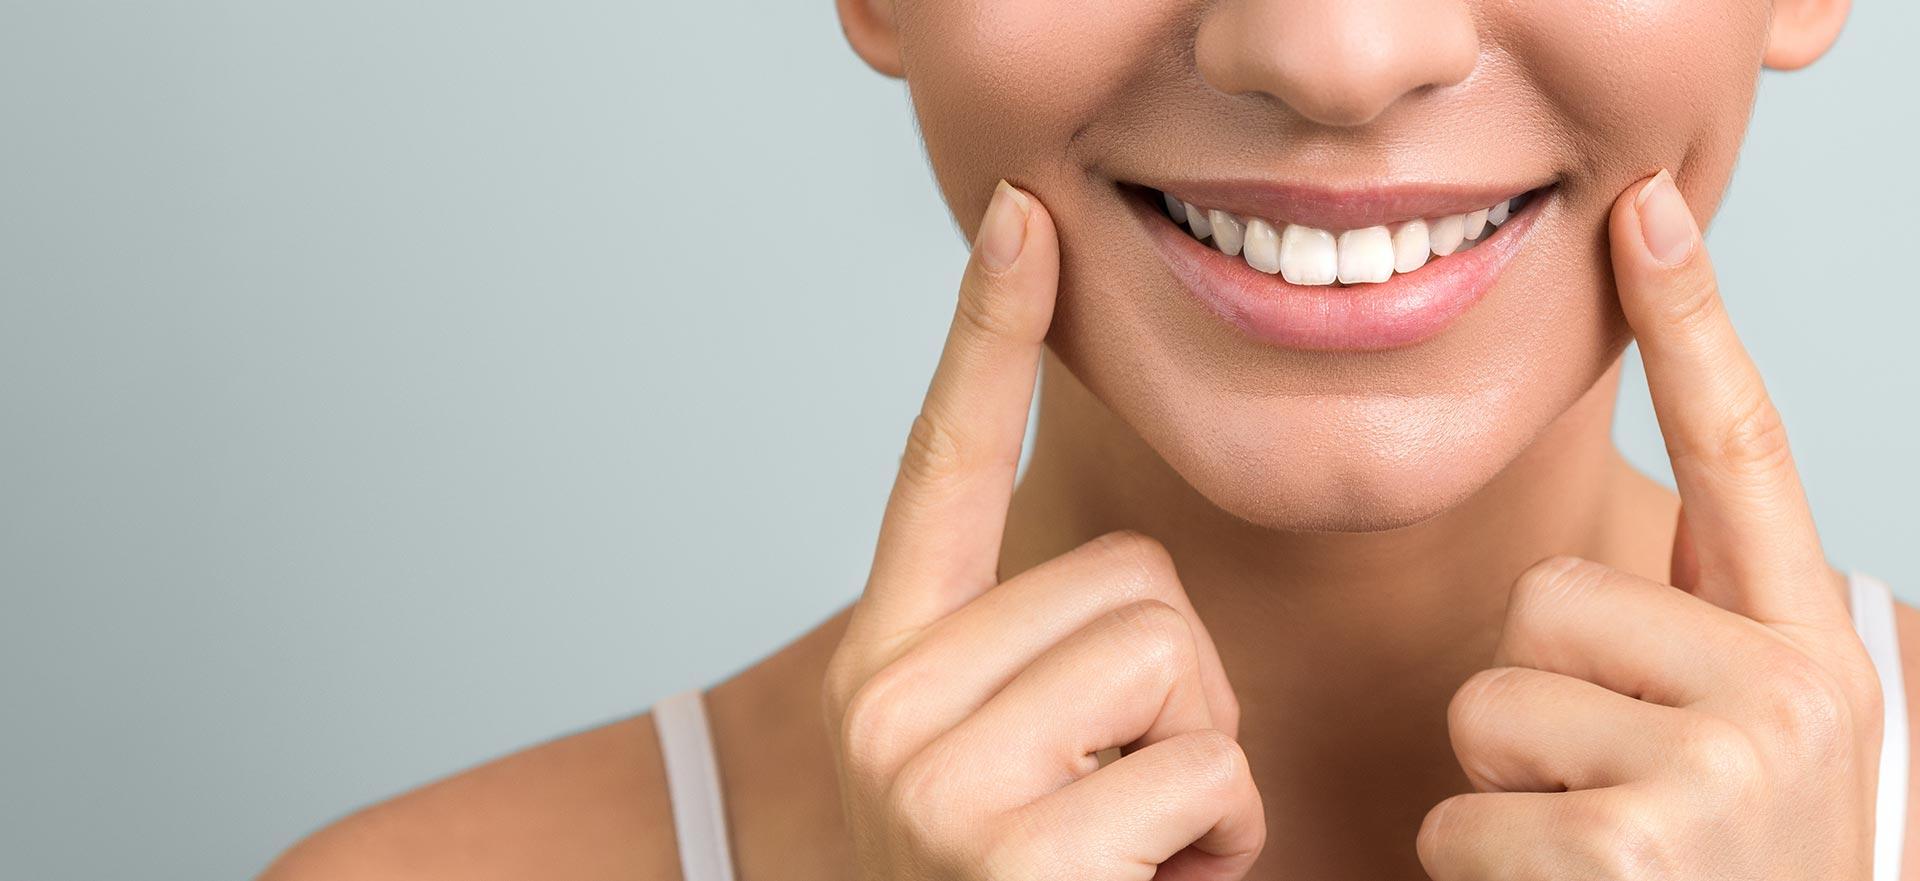 clinica-viana-slider-prevenzione-dentale